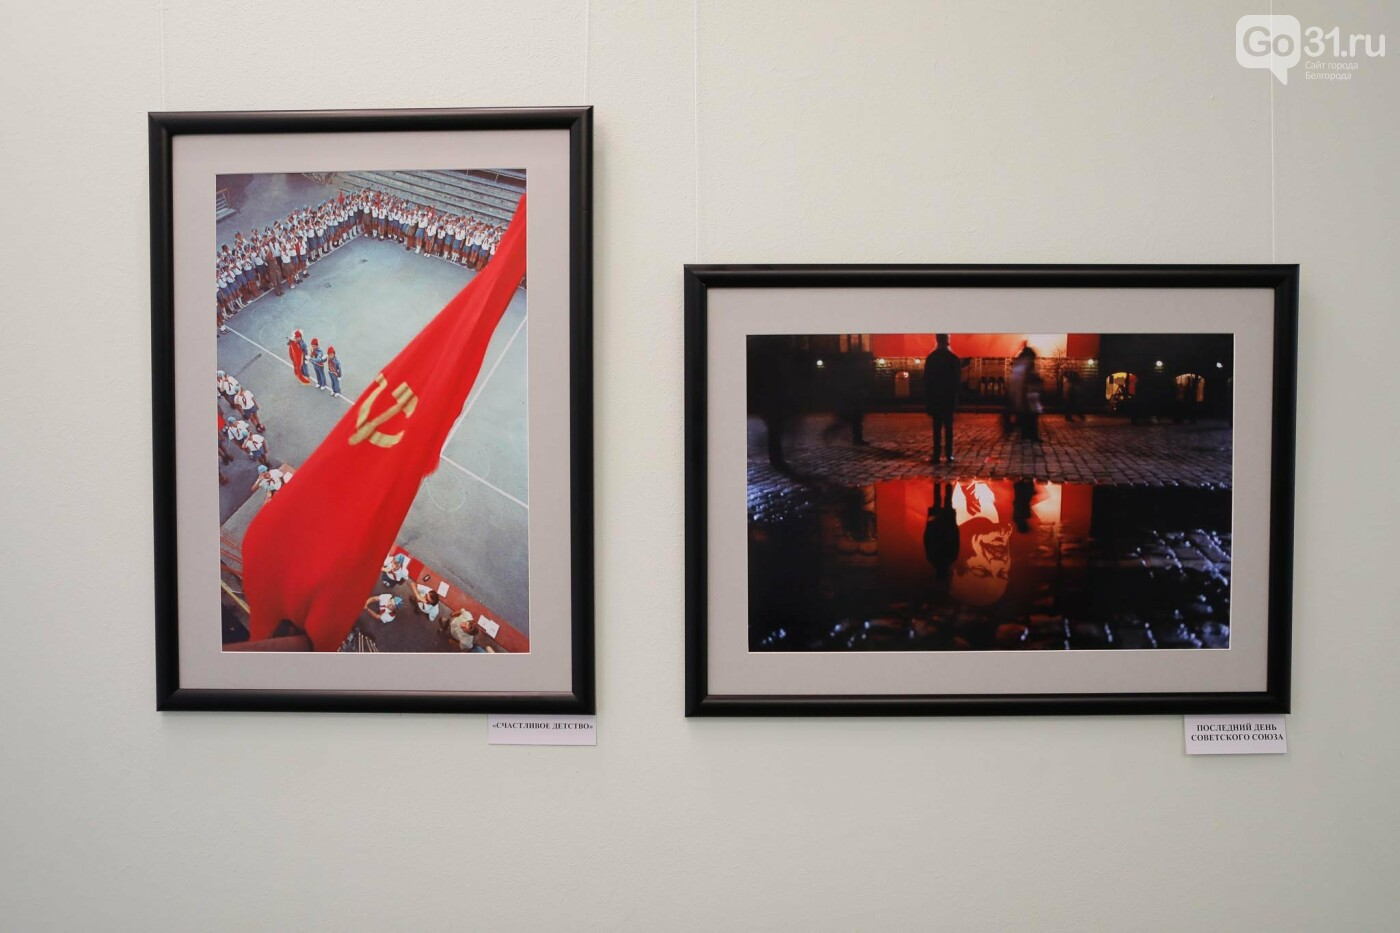 Фотограф Игорь Гаврилов: Когда кто-то видит узаконенную ложь, он начинает в неё верить, фото-3